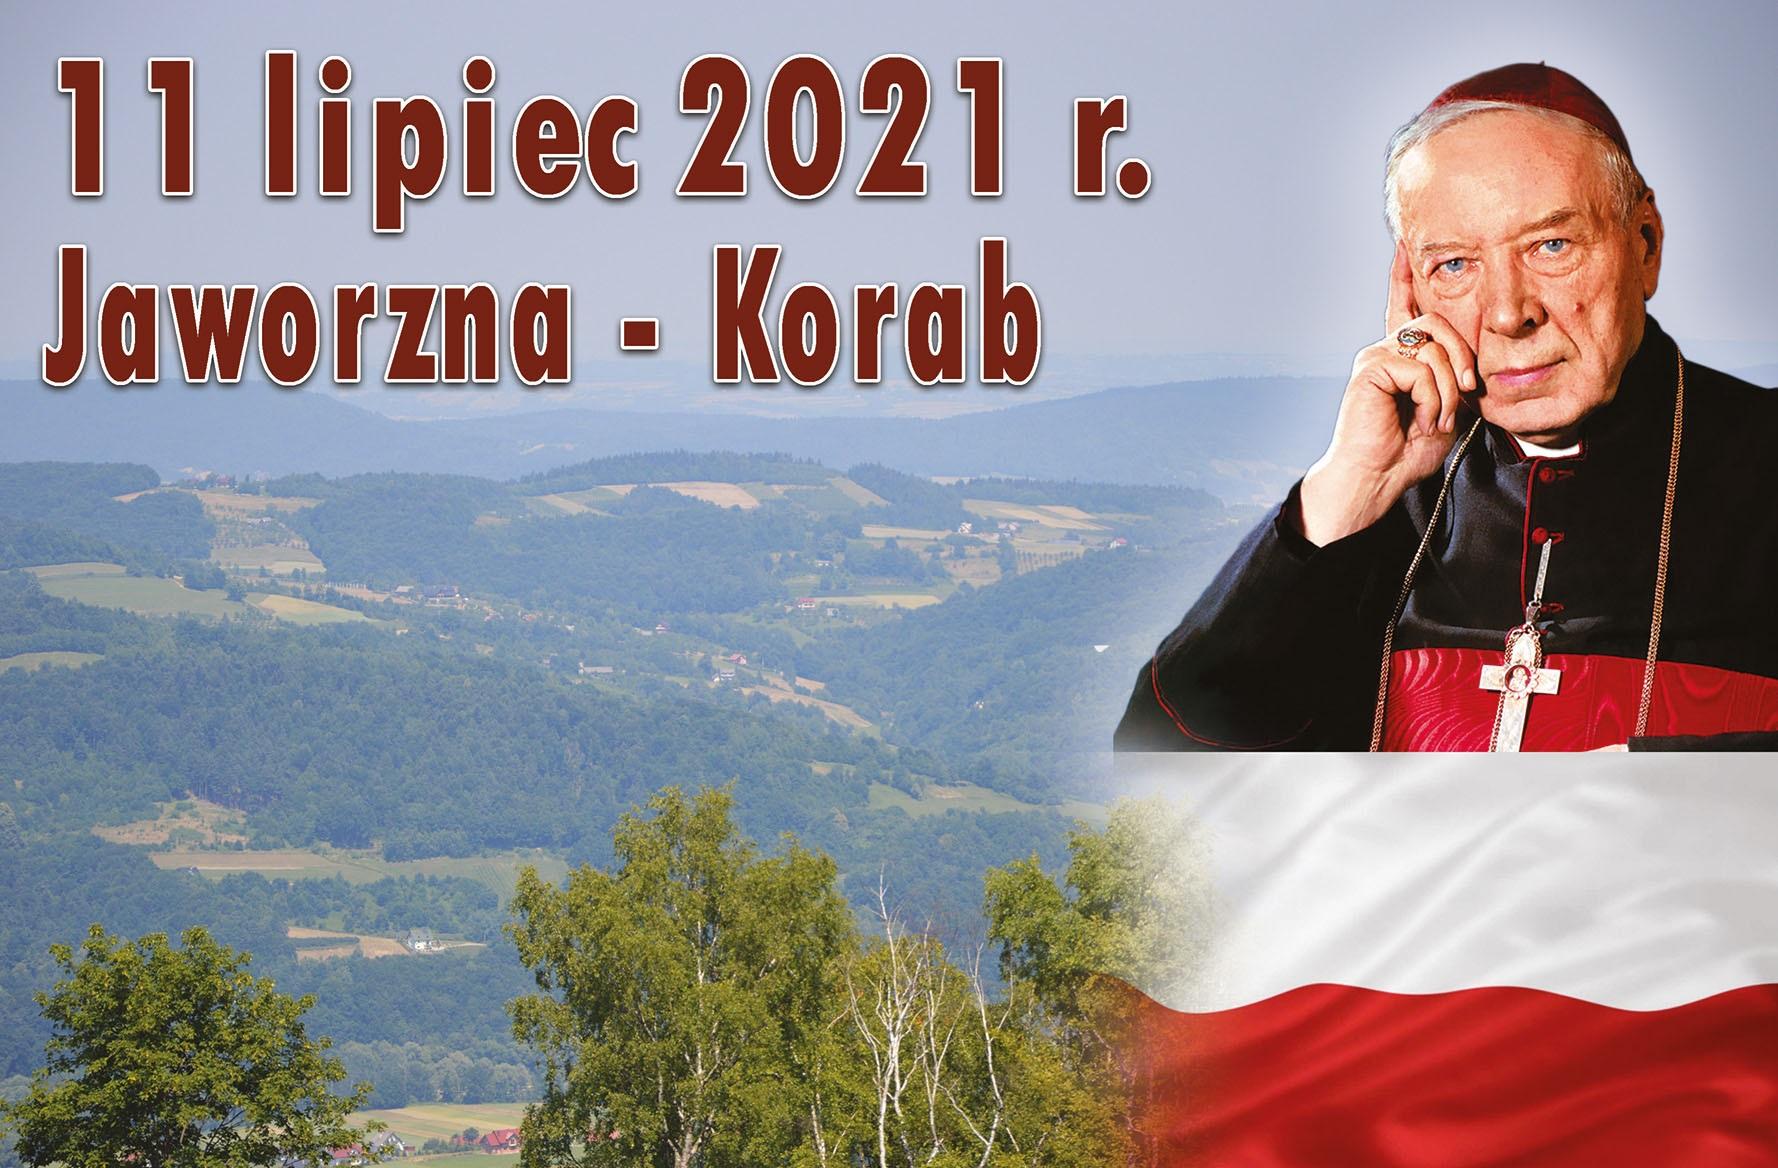 Uroczystości religijno-patriotyczne na górze Korab - zdjęcie główne